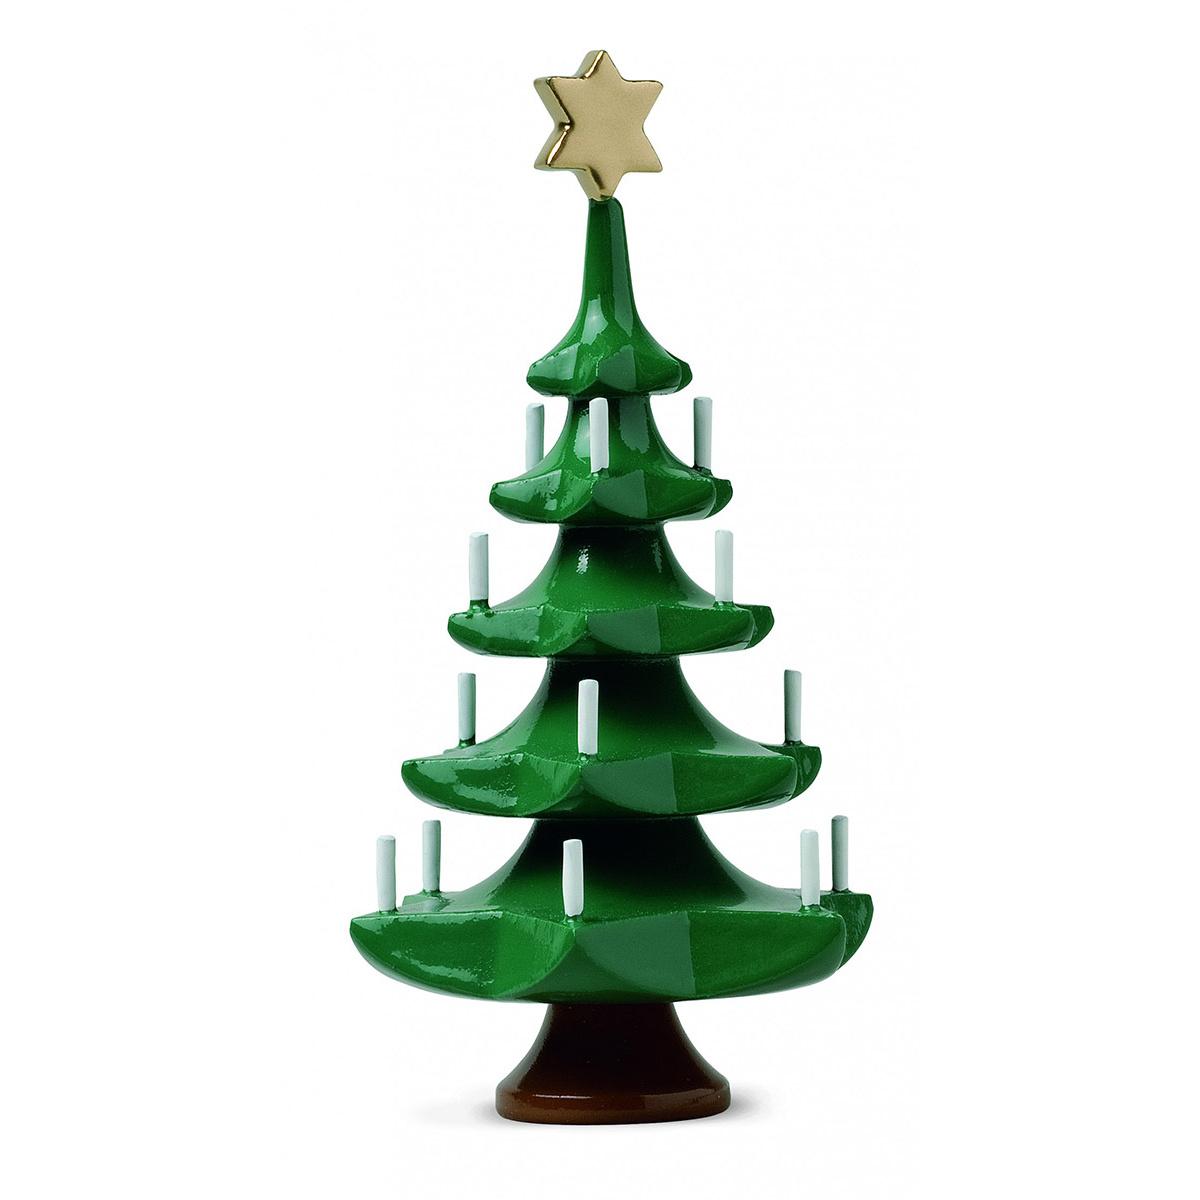 weihnachtsbaum mit stern klein von wendt und k hn f r 20 2. Black Bedroom Furniture Sets. Home Design Ideas